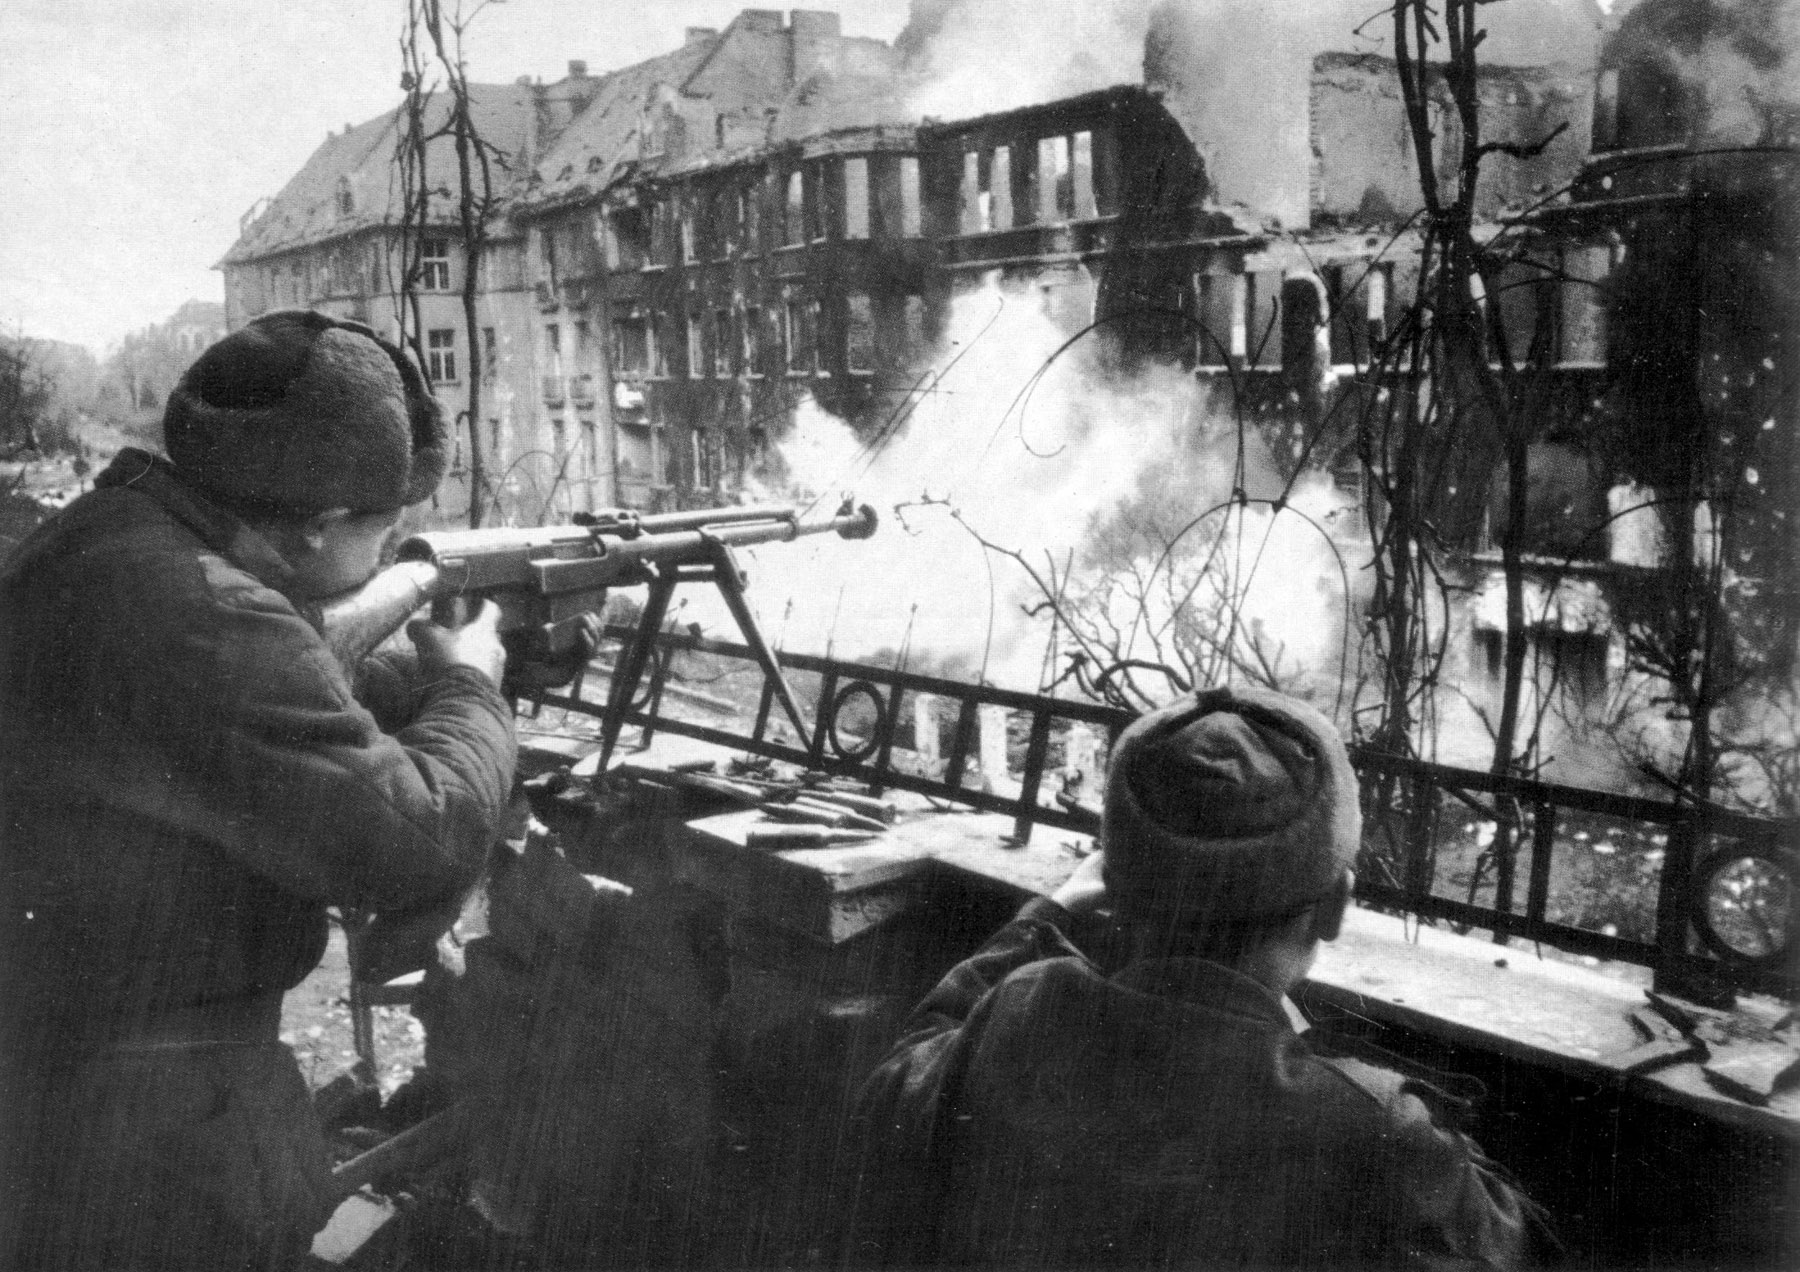 Бронебойщики ведут огонь из ПТРС